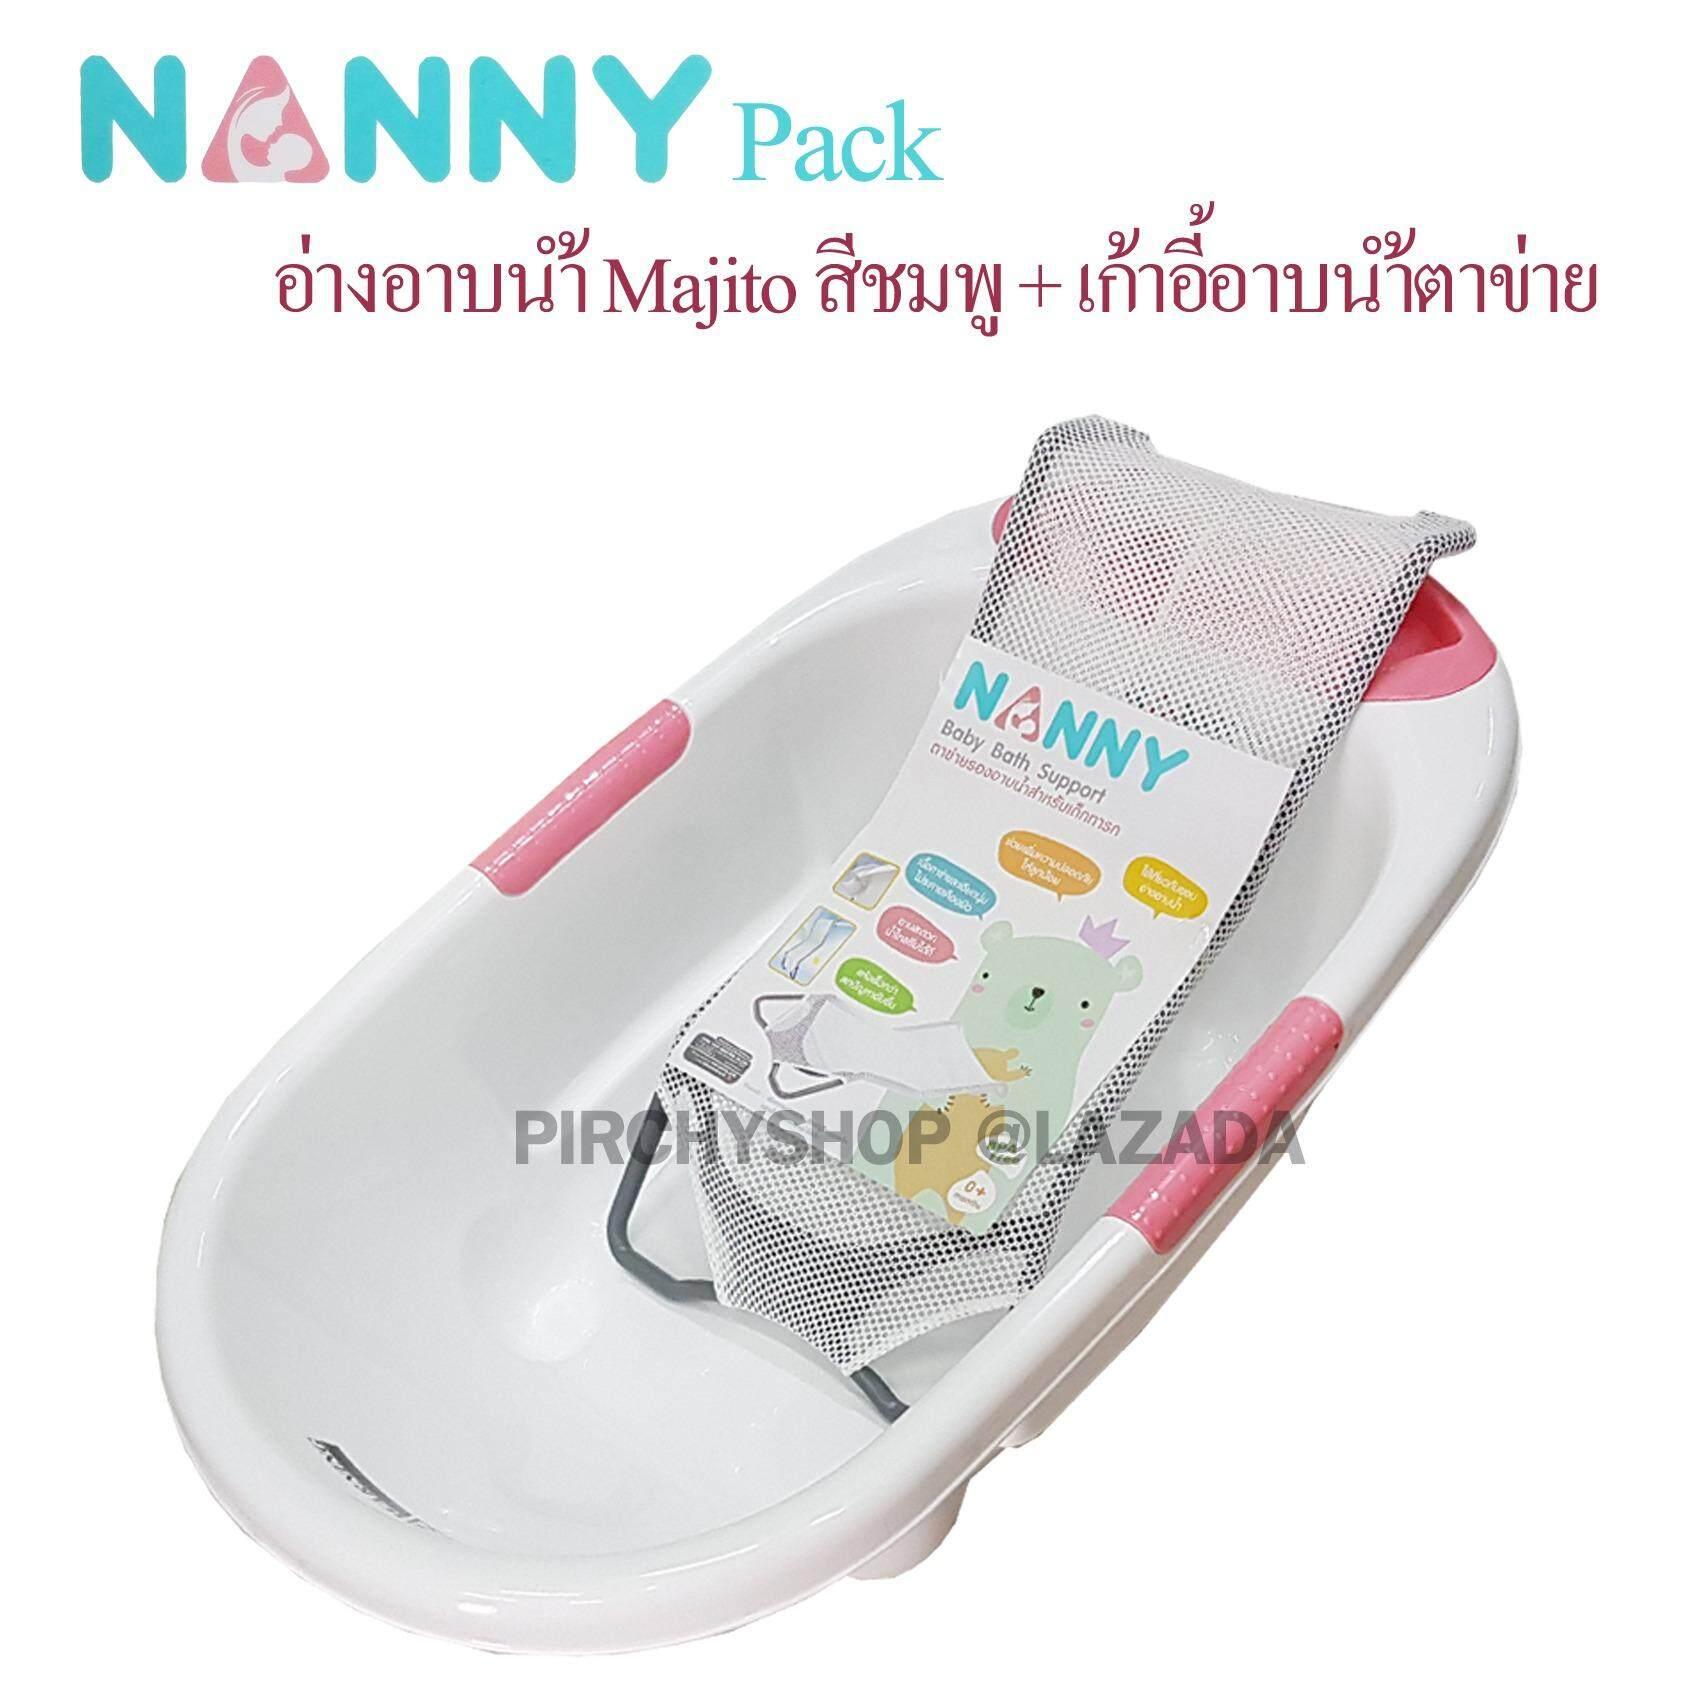 ราคา Nanny แพ็กคู่ อ่างอาบน้ำเด็ก Majito ขนาด81x44x23.4ซม. + เก้าอี้อาบน้ำตาข่าย